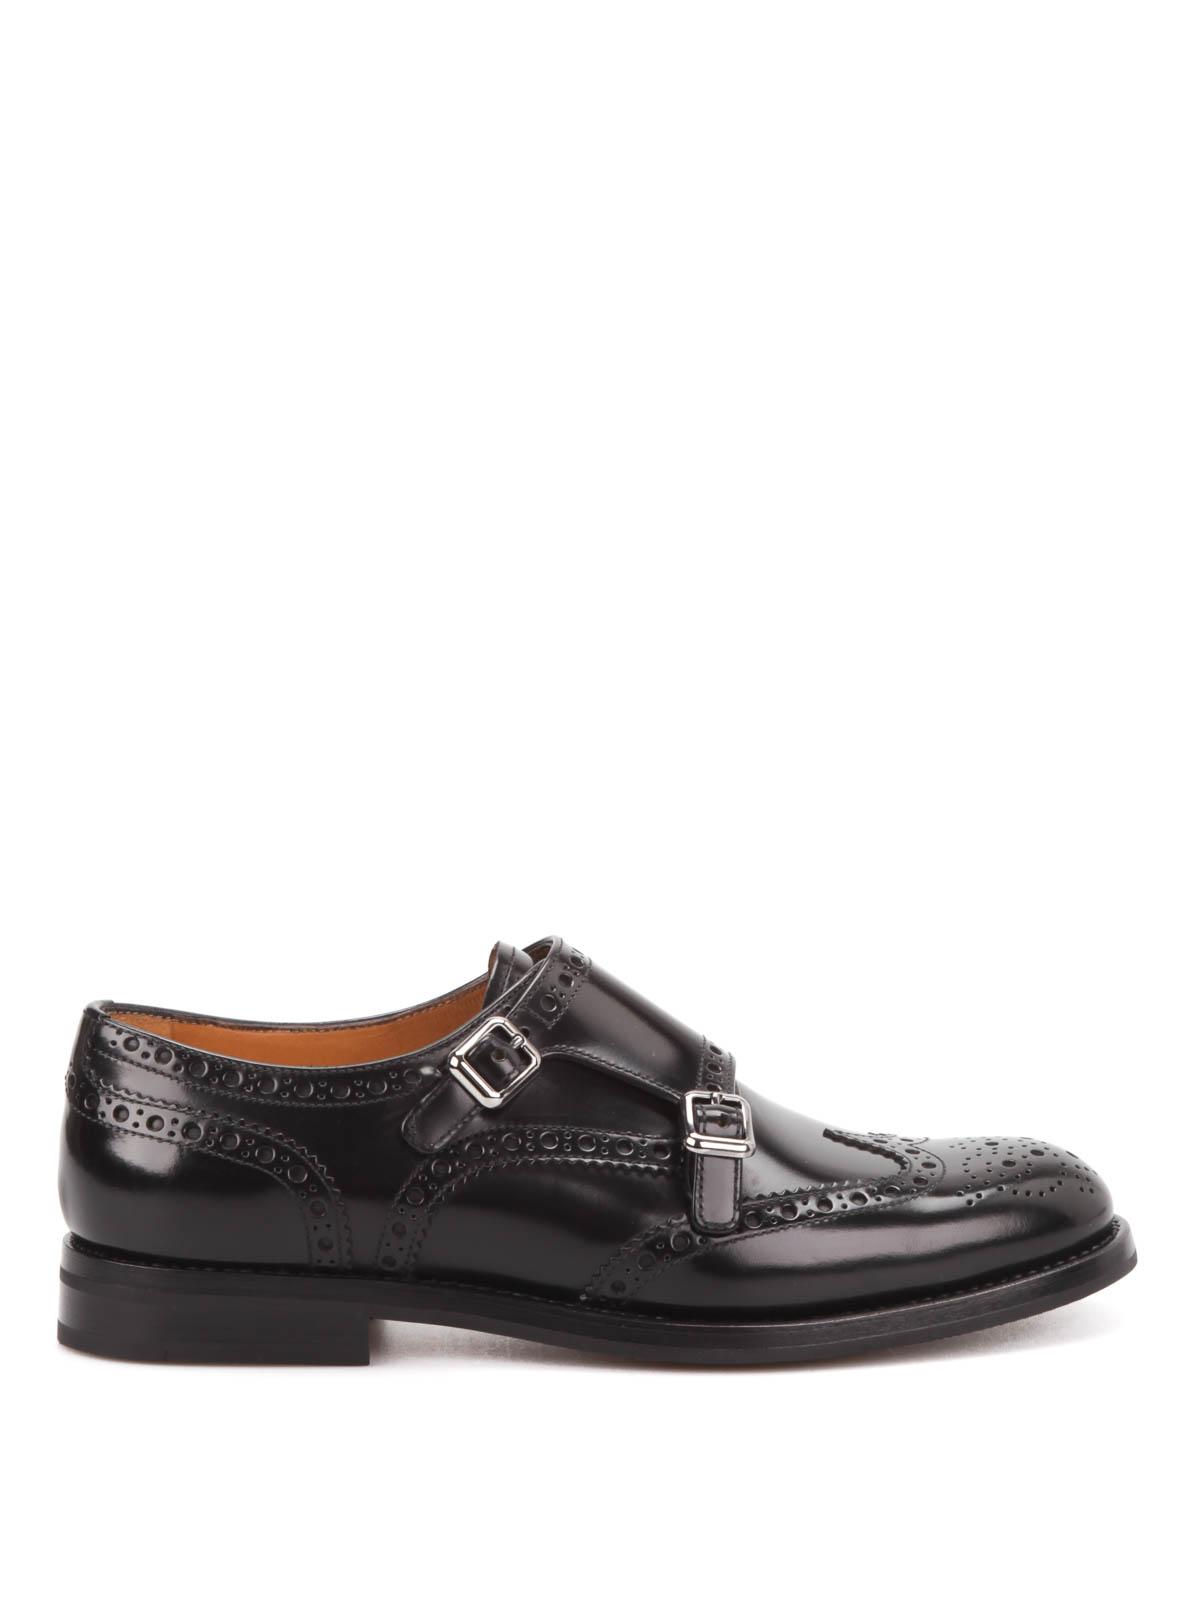 Chaussures Moine Classique De L'église - Marron 3bYGigFyS